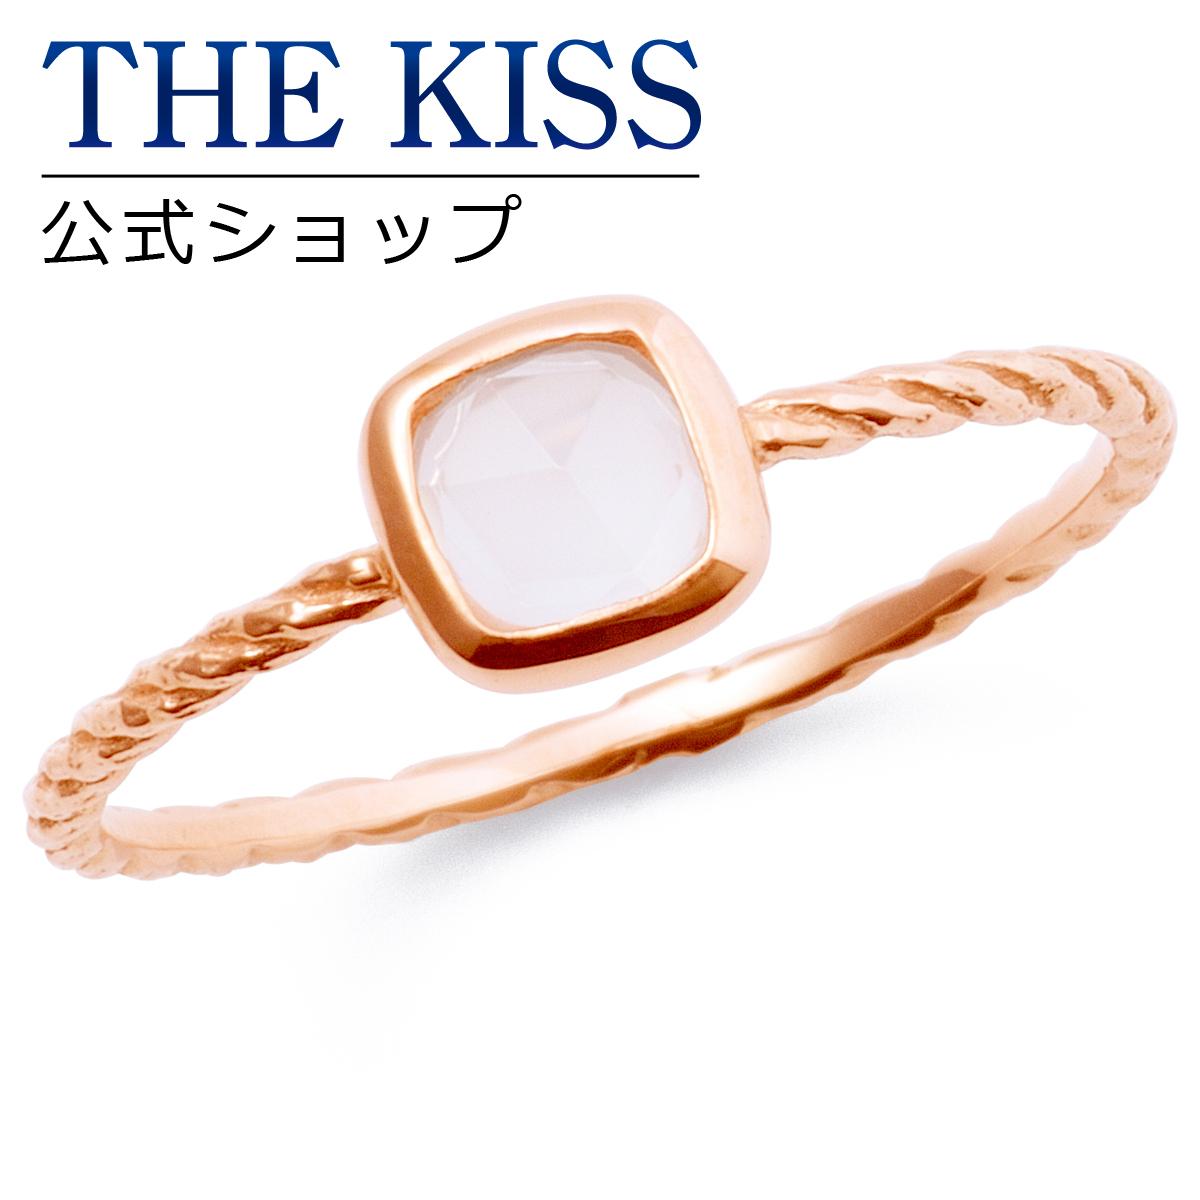 【あす楽対応】【送料無料】【THE KISS sweets】 K10ピンクゴールド レディース リング ☆ ゴールド レディース リング 指輪 ブランド GOLD Ladies Ring